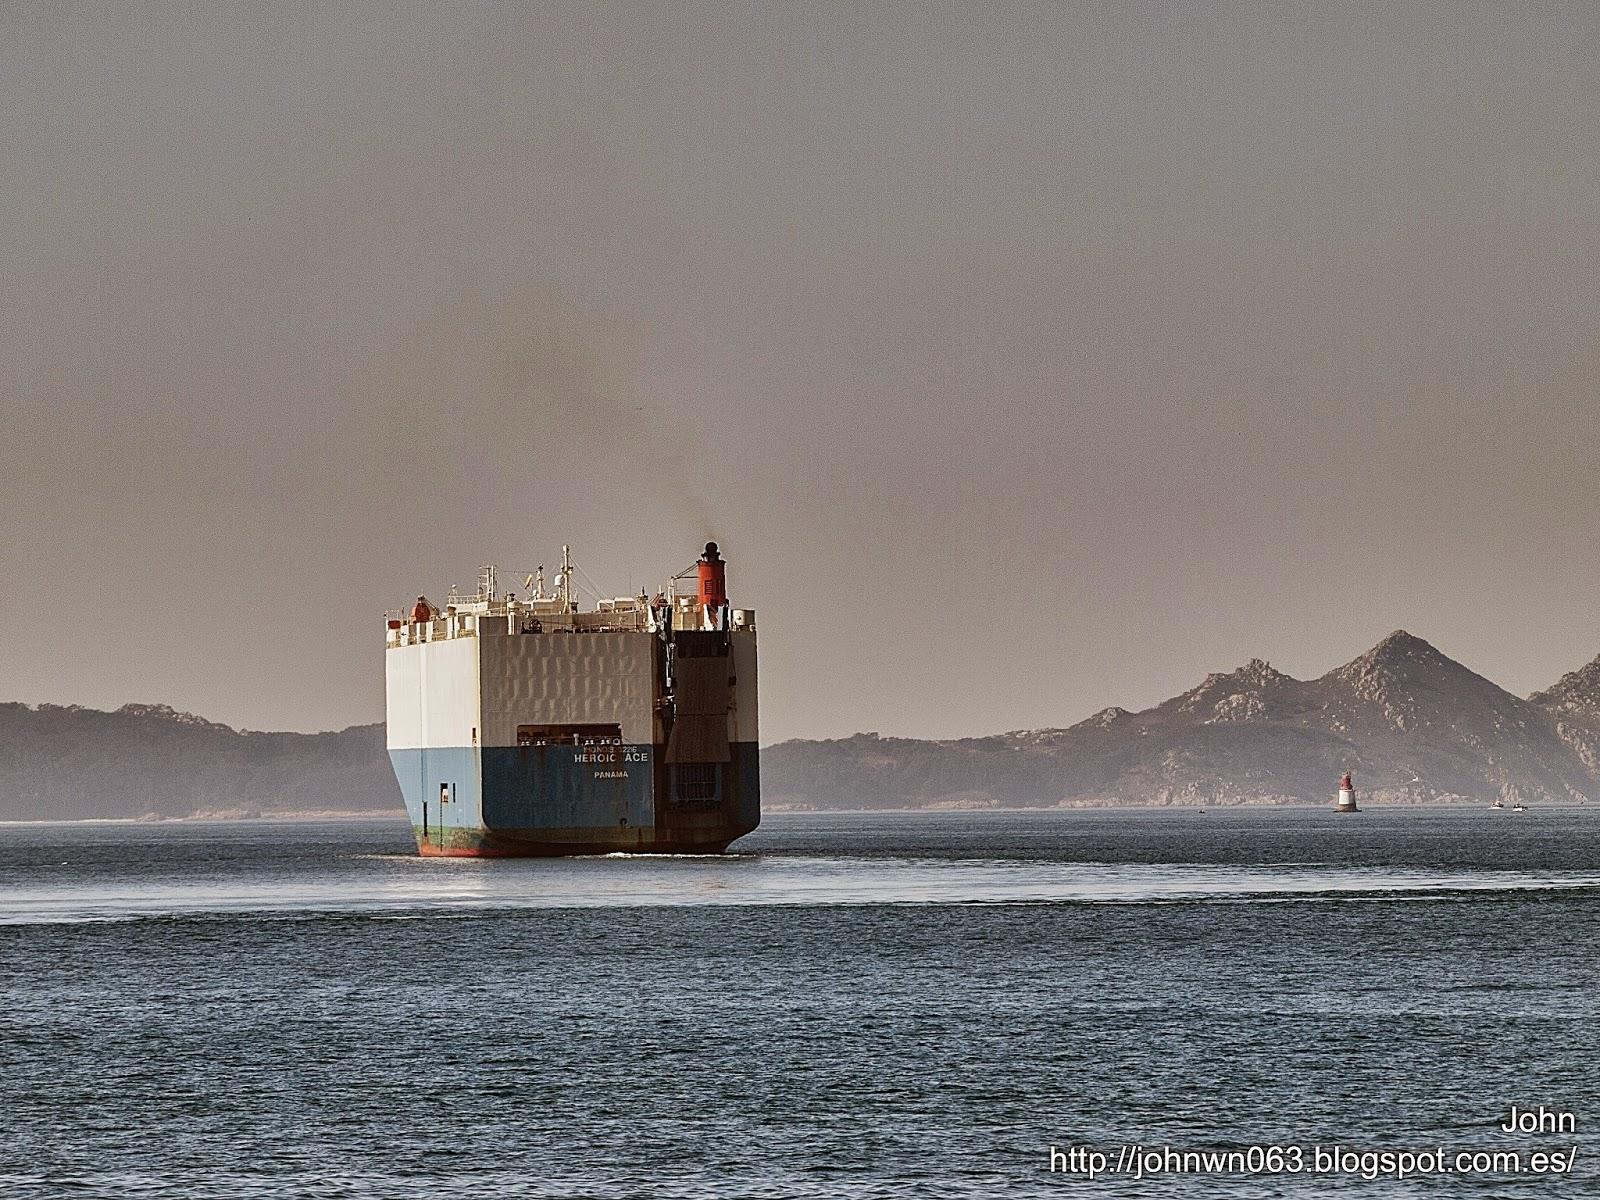 fotos de barcos, imagenes de barcos, heroic ace, car carrier, vigo